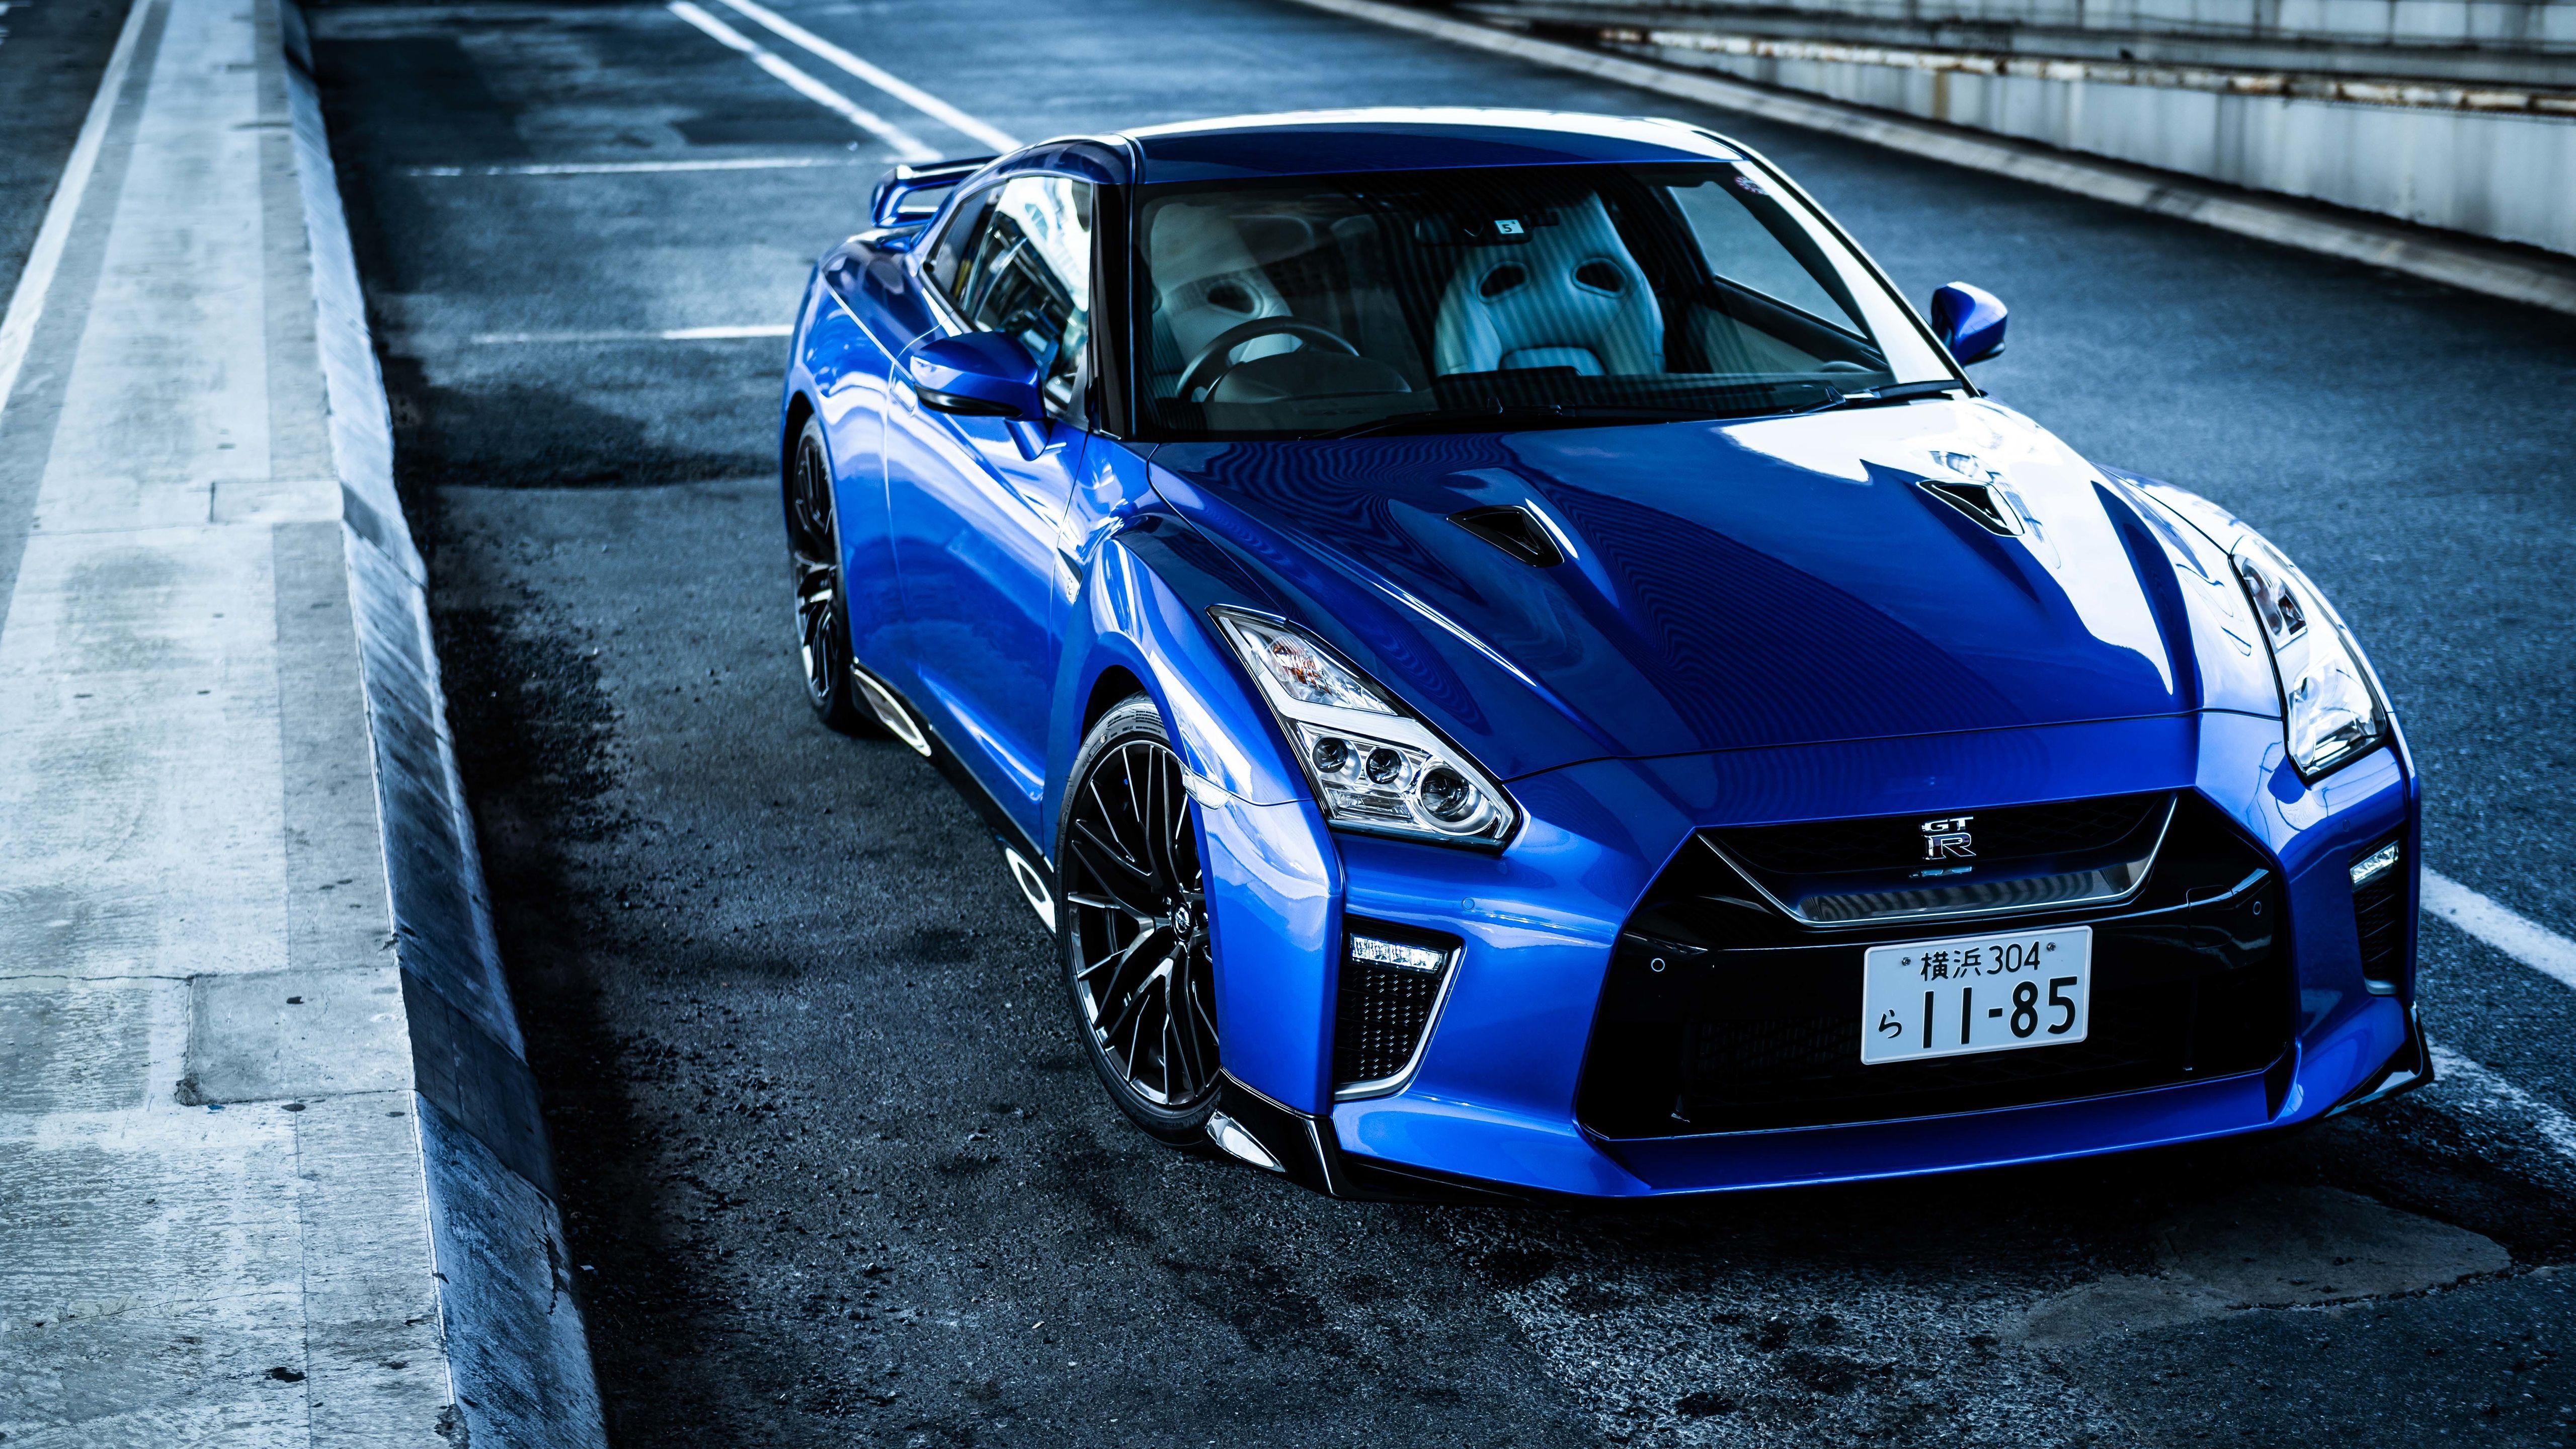 Rent A Car In 2020 Gtr Nissan Gt R Cheap Car Rental